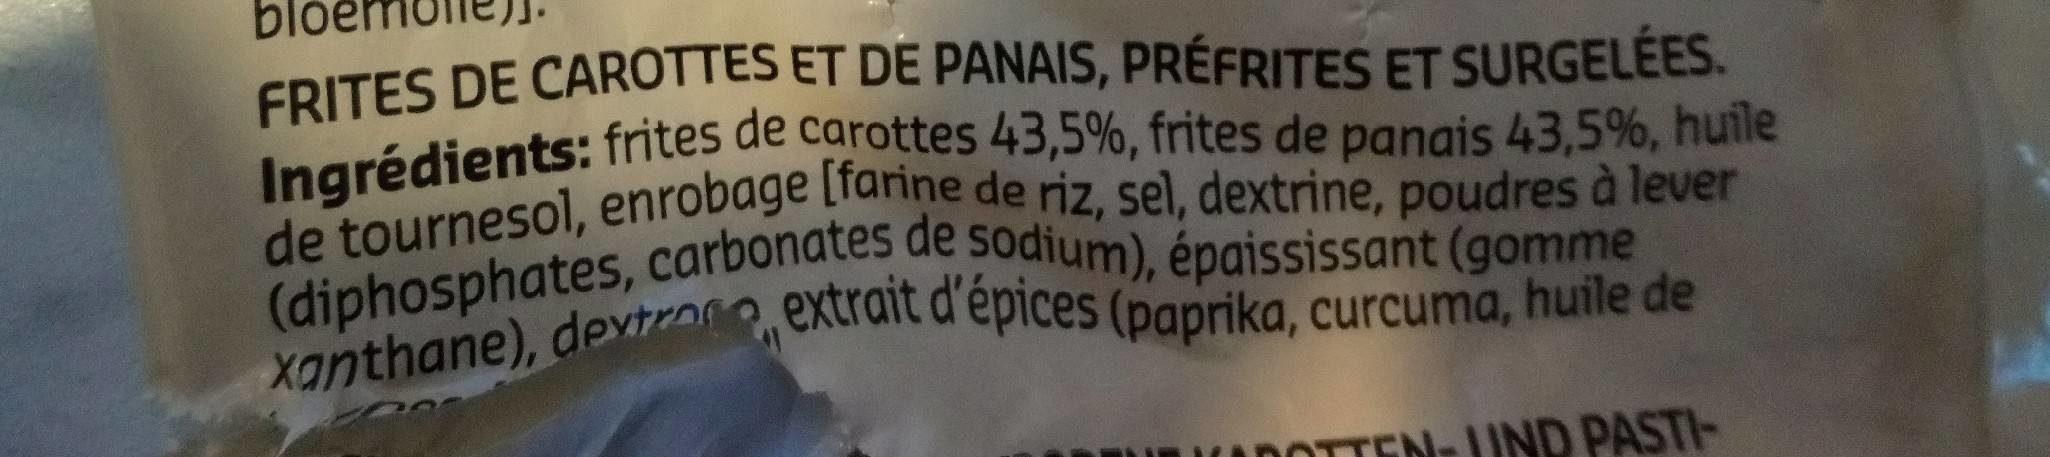 frites carottes panais - Ingrediënten - fr